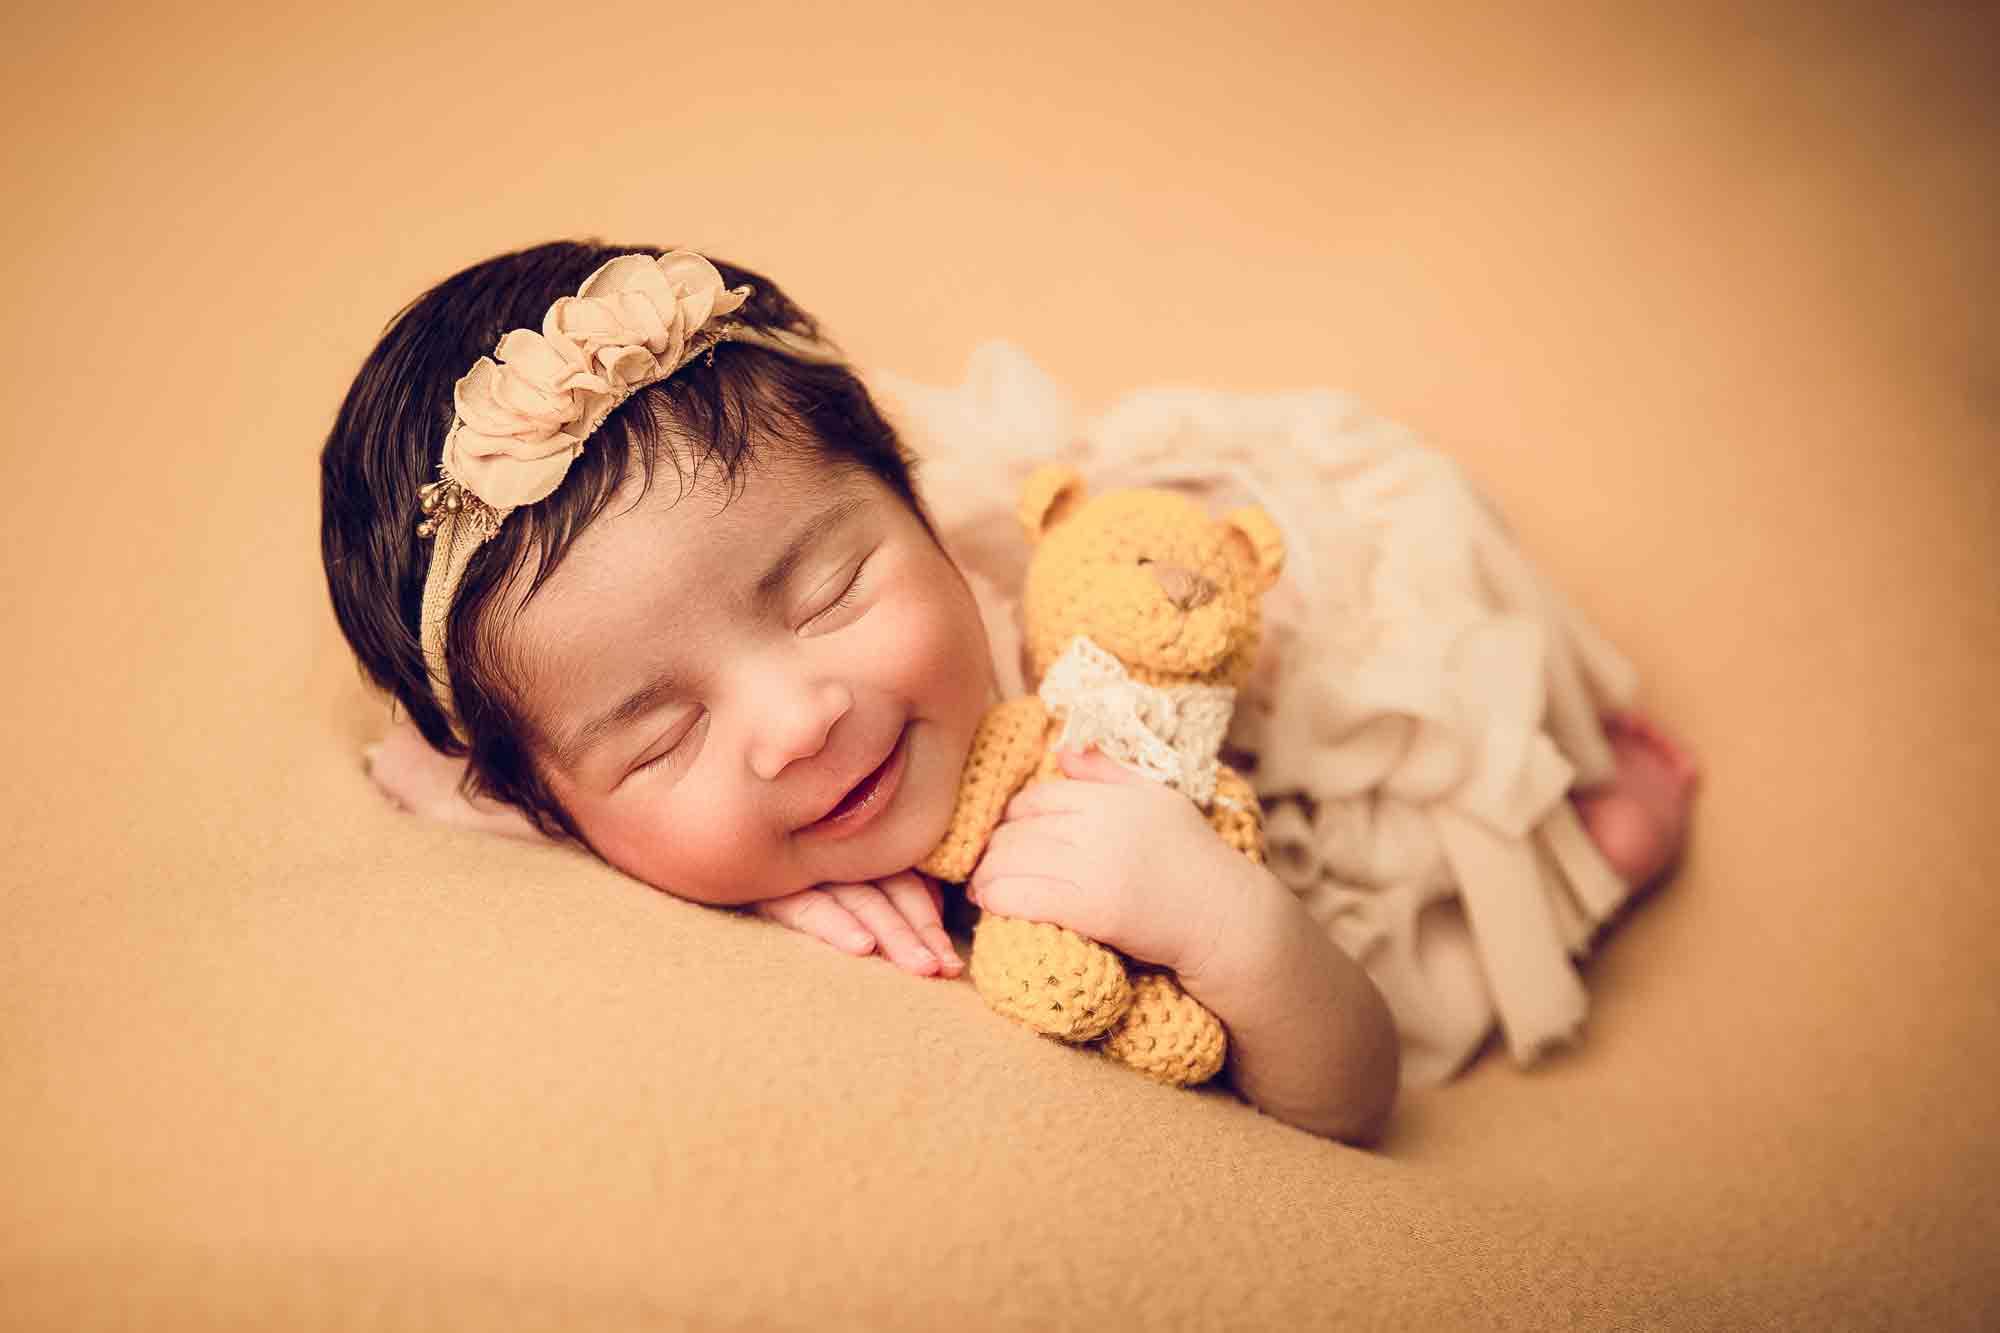 sergio-moreno-fabrica-de-suenos--cursos-de-fotografia-de-recien-nacidos-newborns-fotofest3